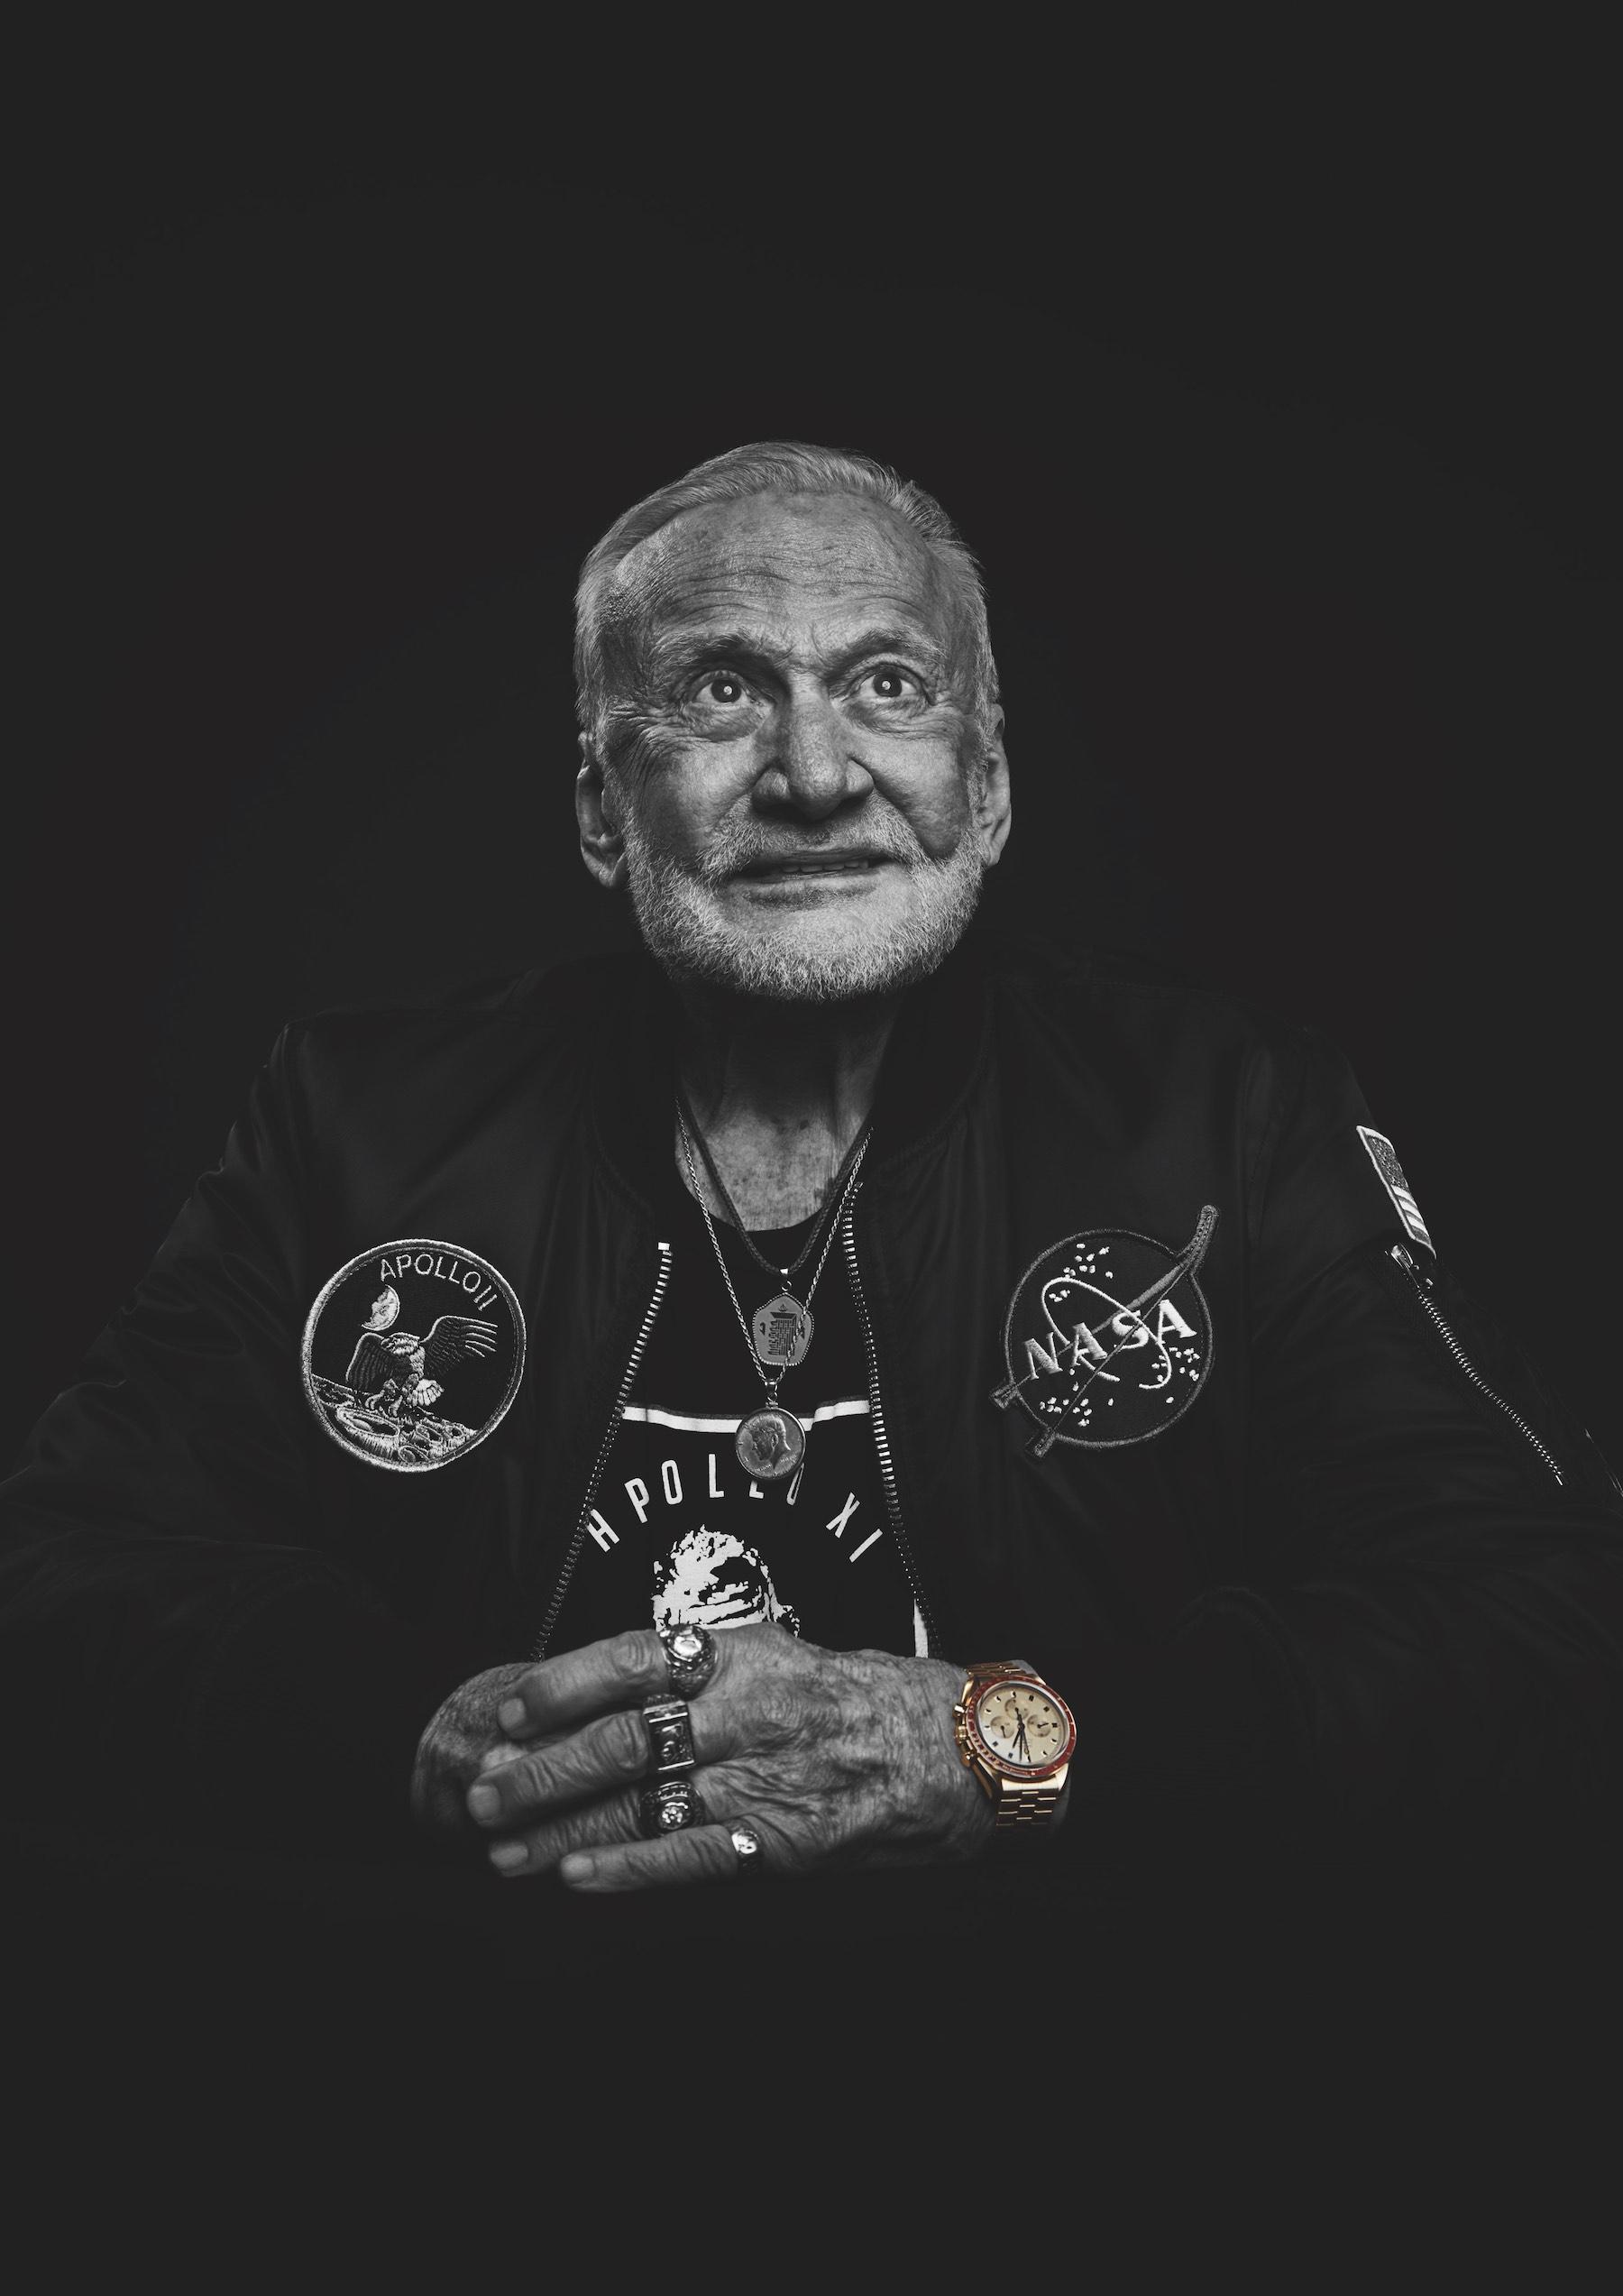 Buzz_Aldrin speedmaster